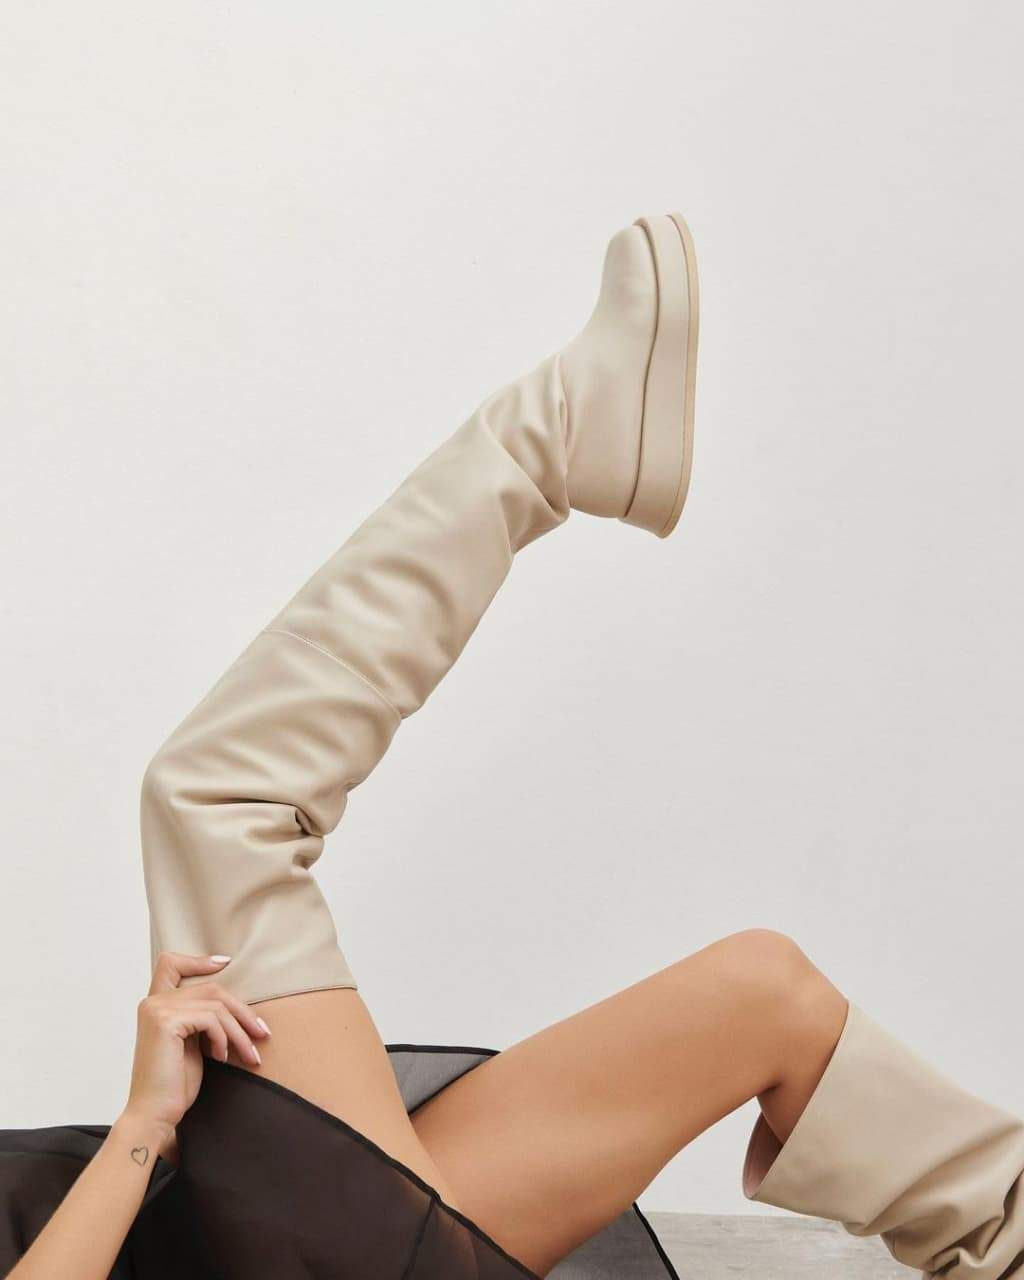 Взуття з нової колекції Розі Гантінгтон-Вайтлі